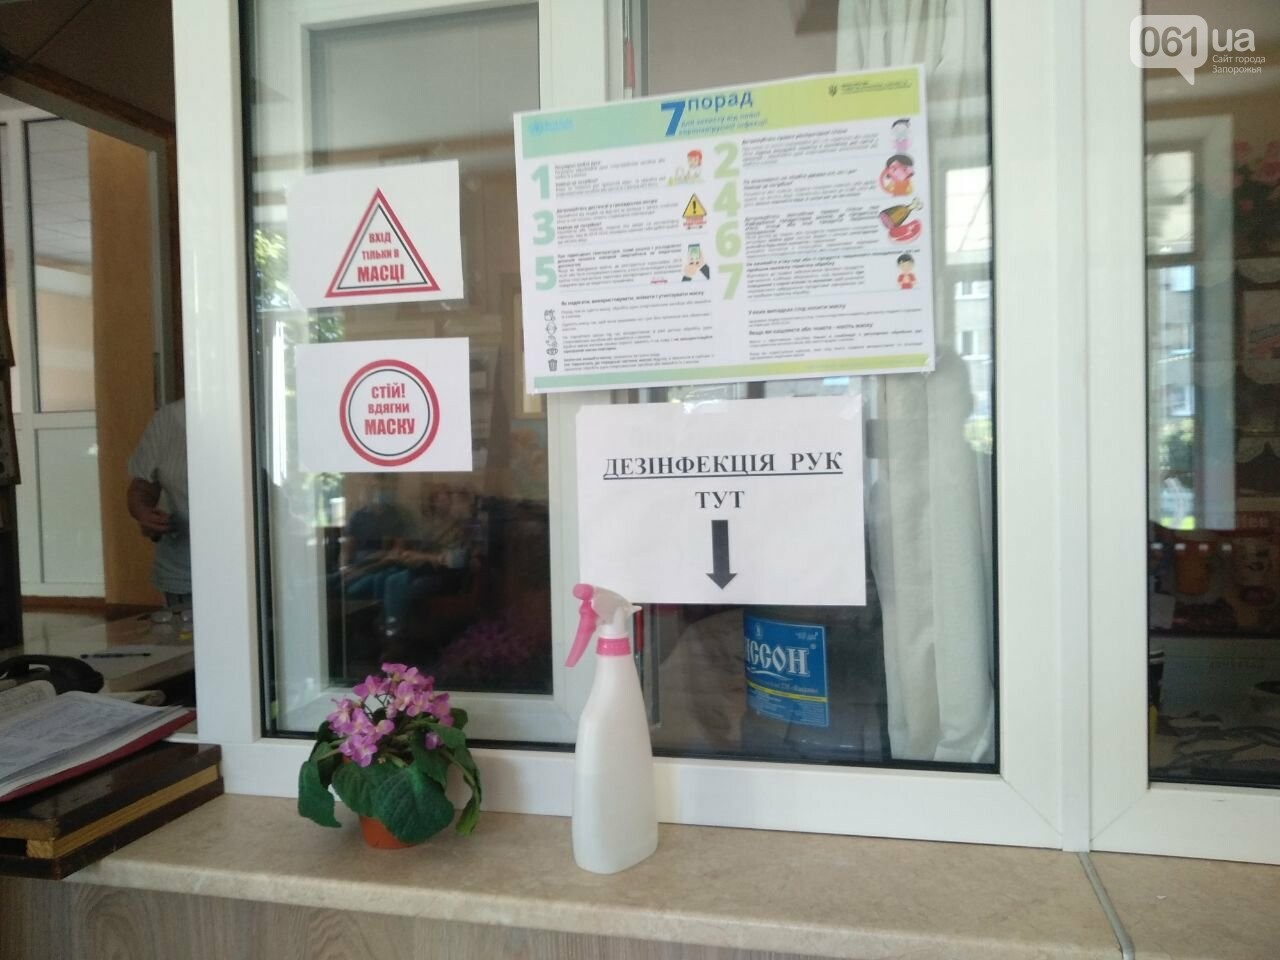 Маски, антисептики и проверка температуры не для всех: как в запорожском ВУЗе соблюдают карантинные меры, фото-5